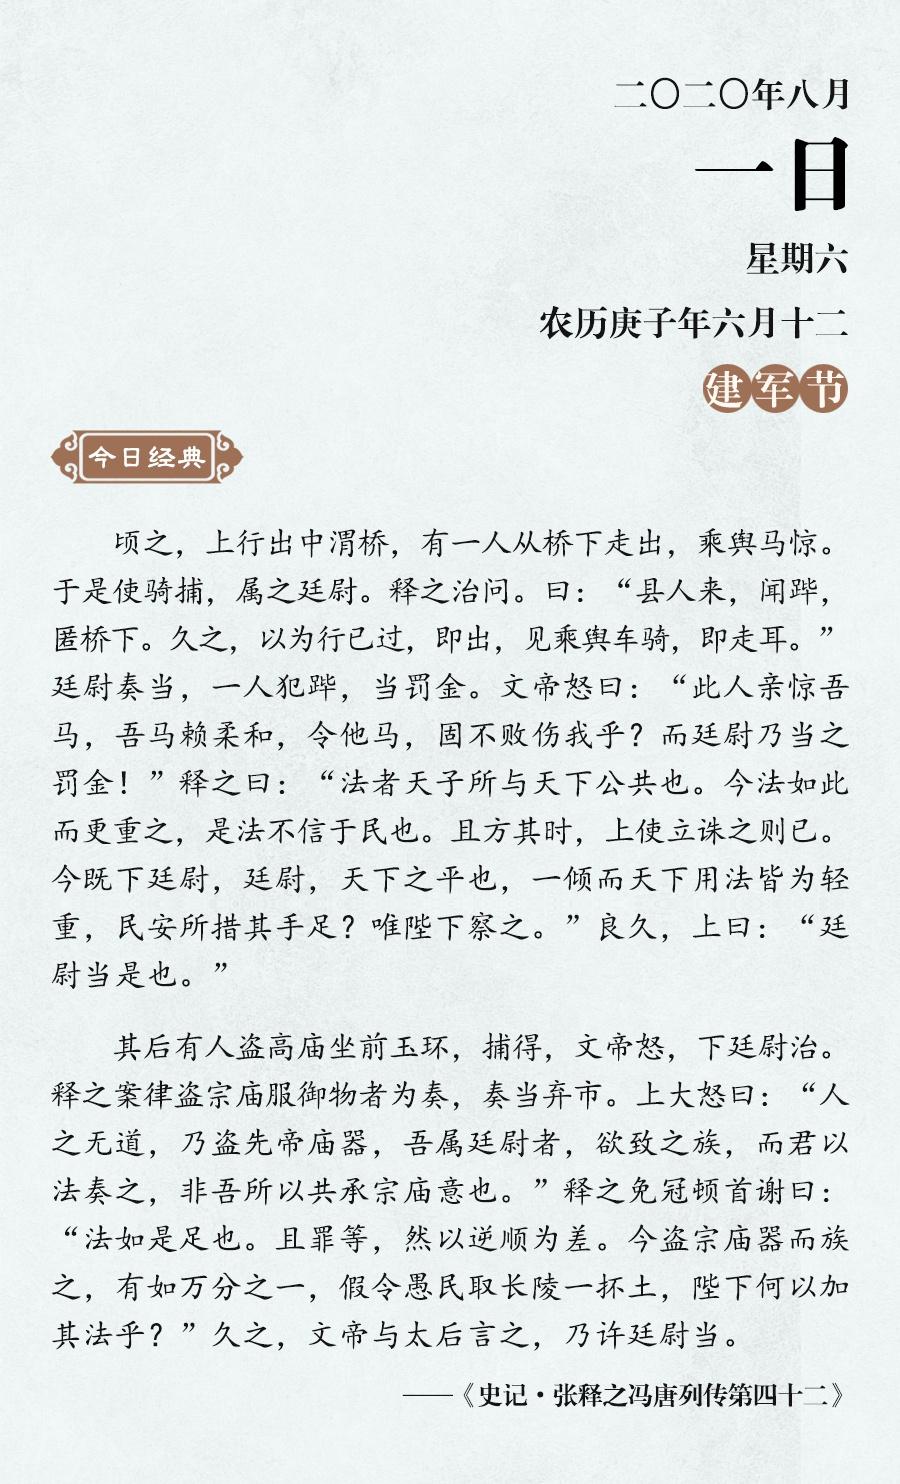 【清风典历】廷尉天下之平也图片